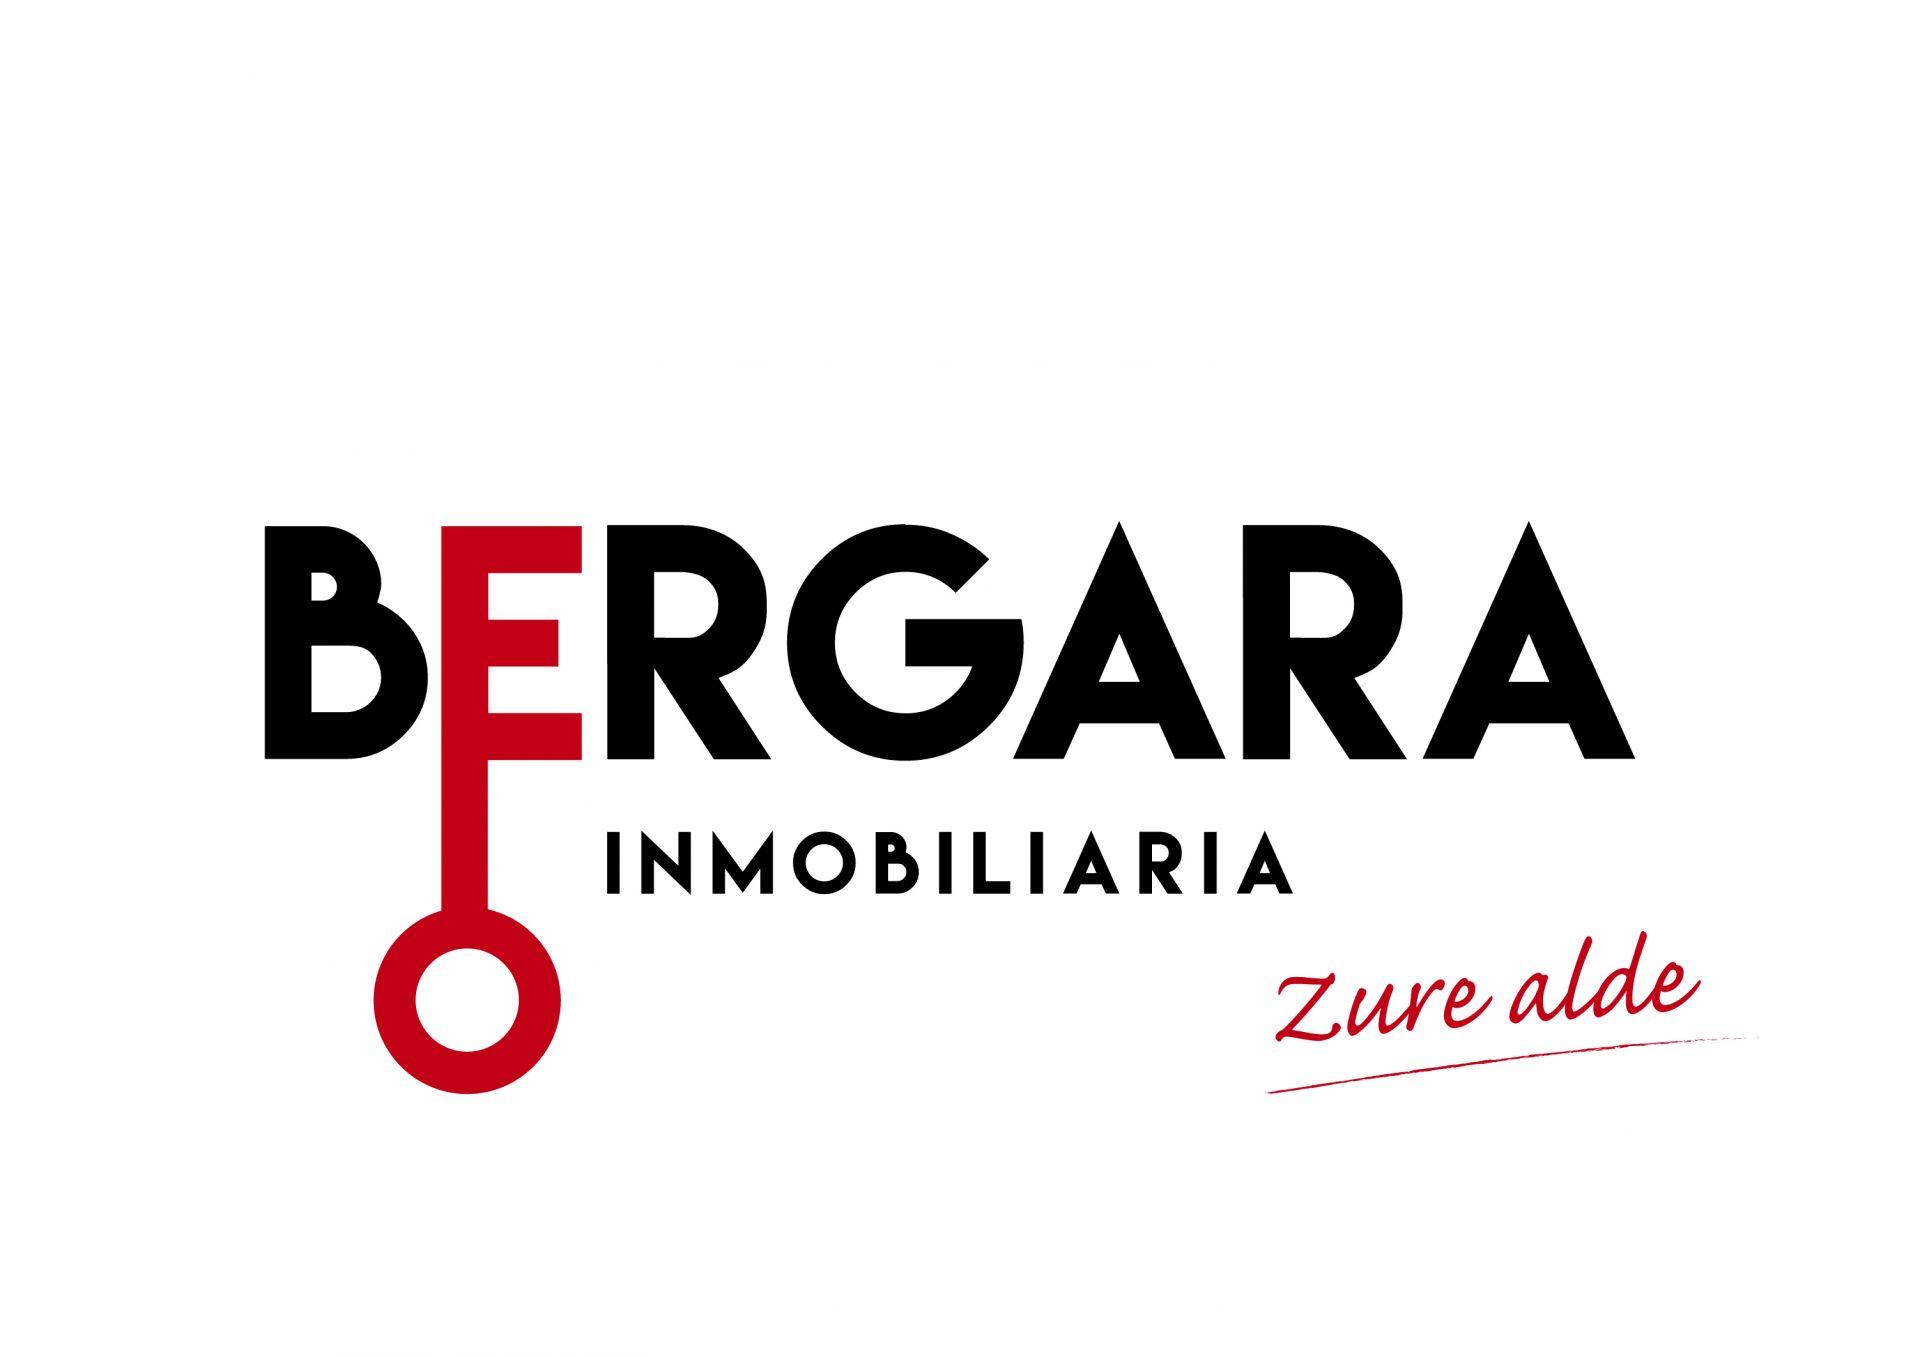 inmo_bergara_logo-01_2.jpg